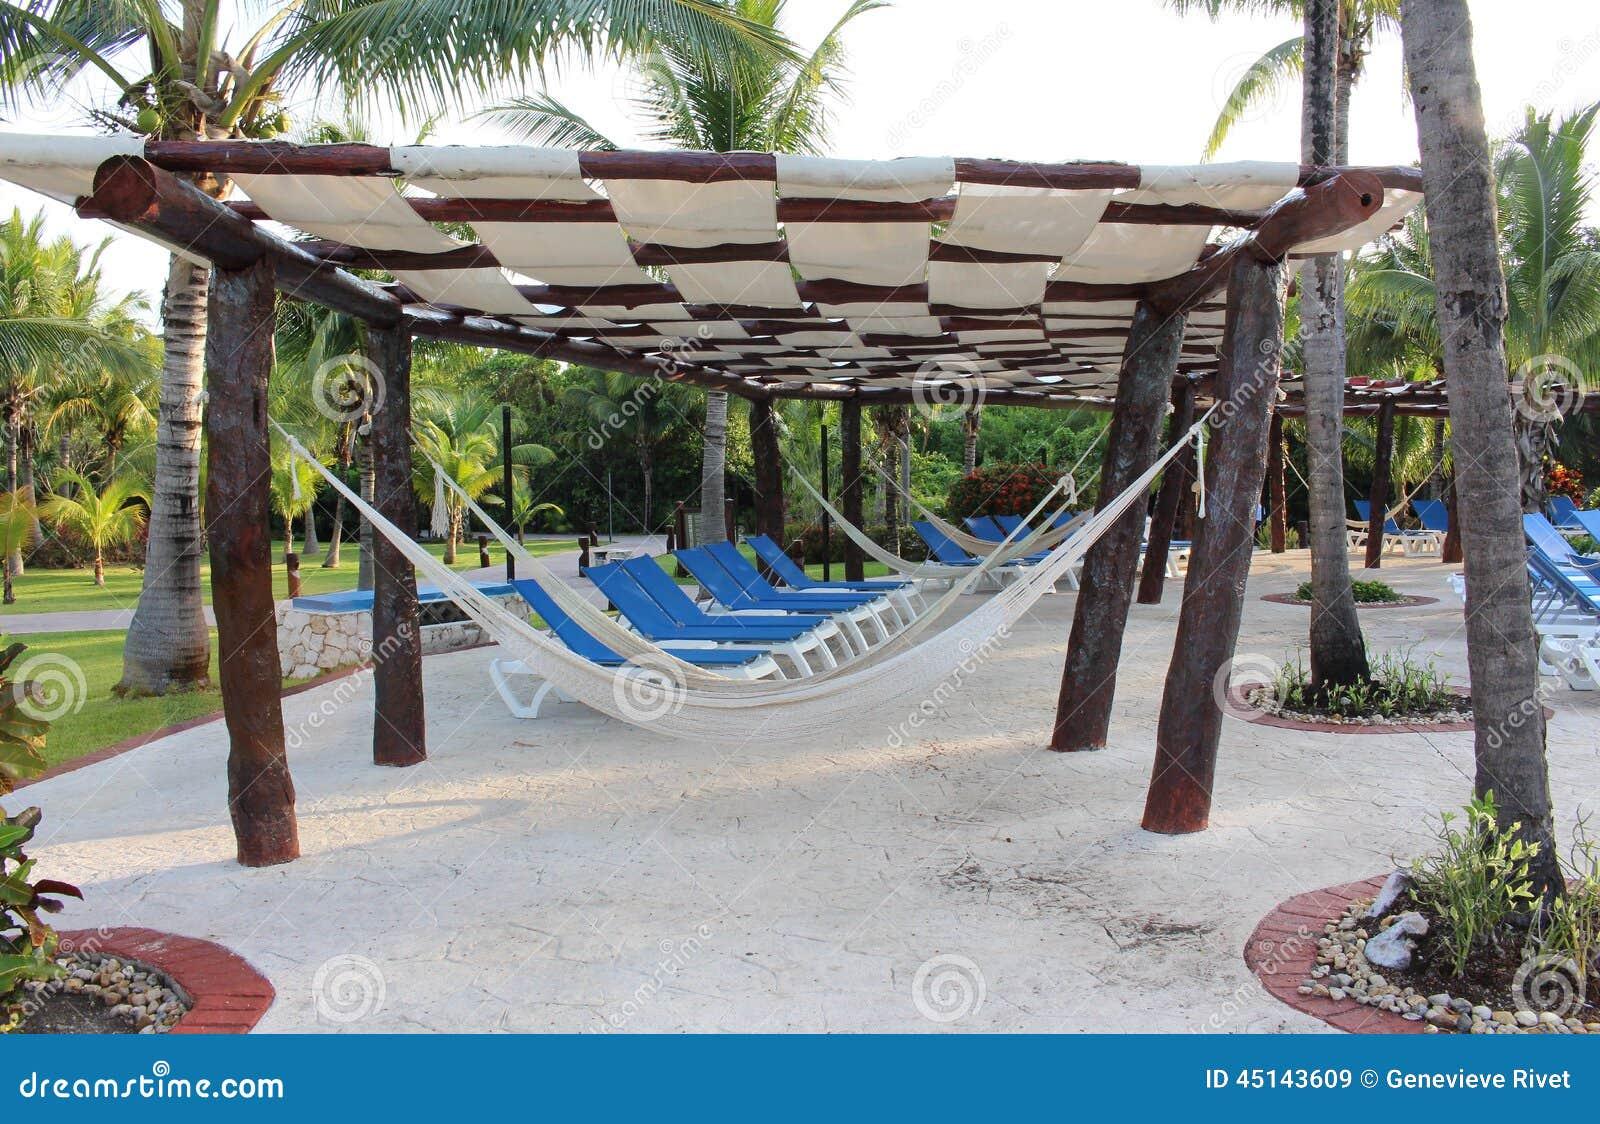 Hangmat Uit Mexico.Hangmat Op Een Toevlucht Van Mexico Stock Afbeelding Afbeelding